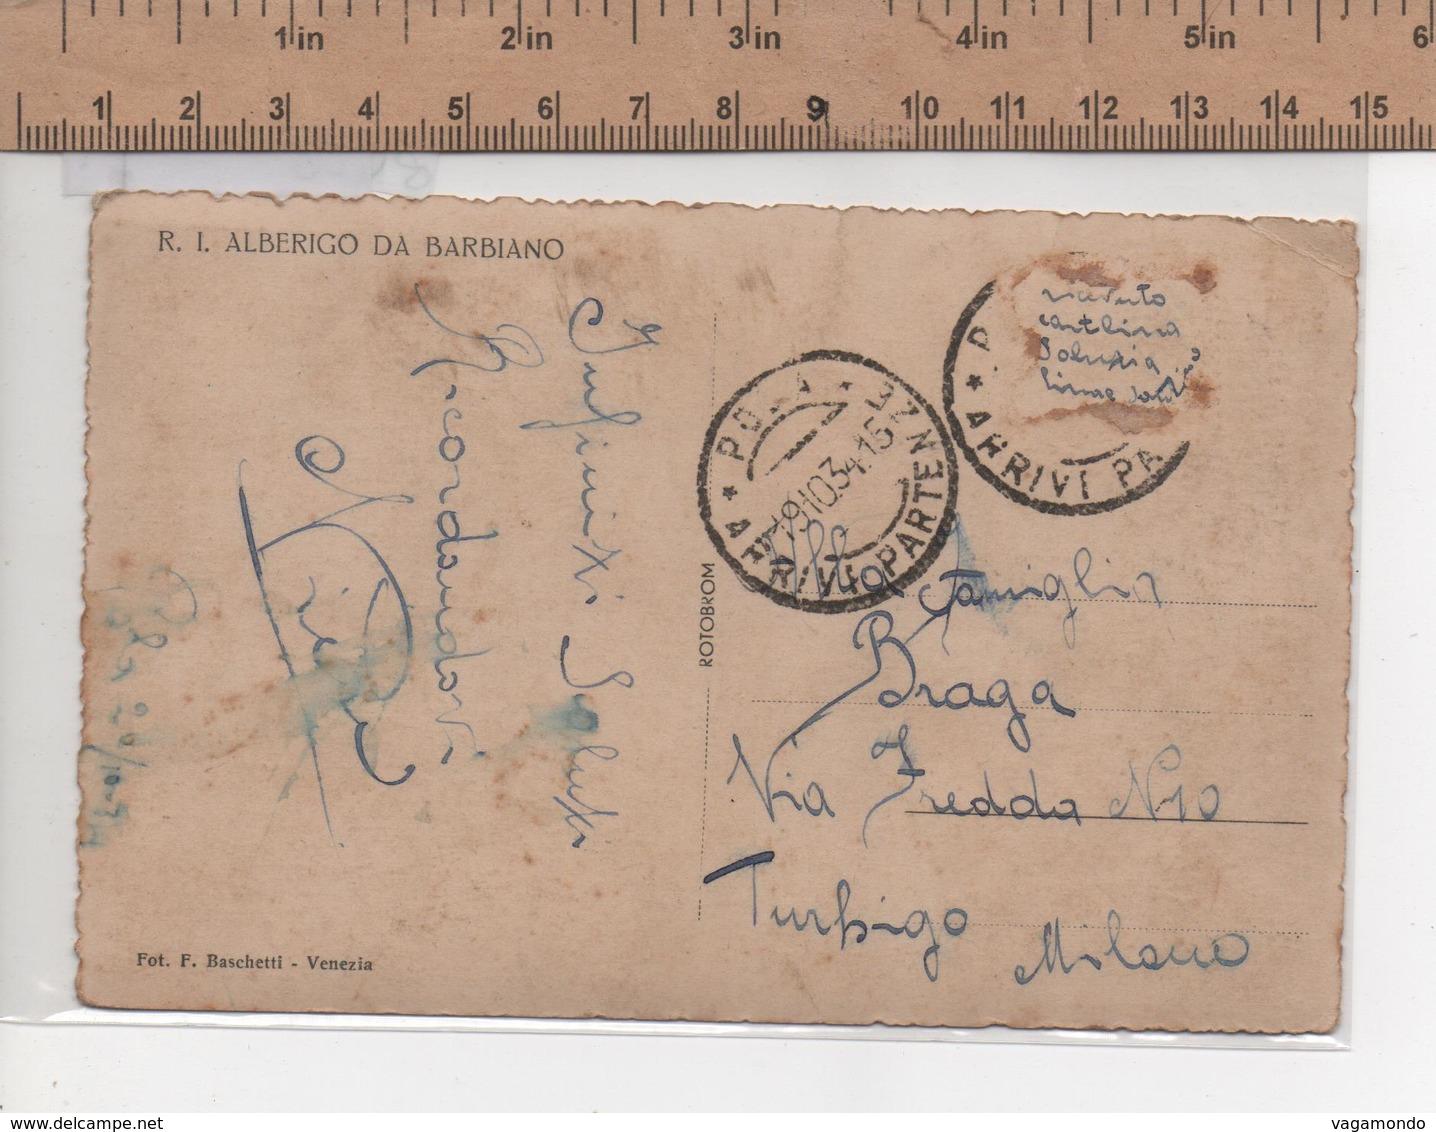 8428 R I ALBERIGO DA BARBIANO ANNO 1934 - Guerra